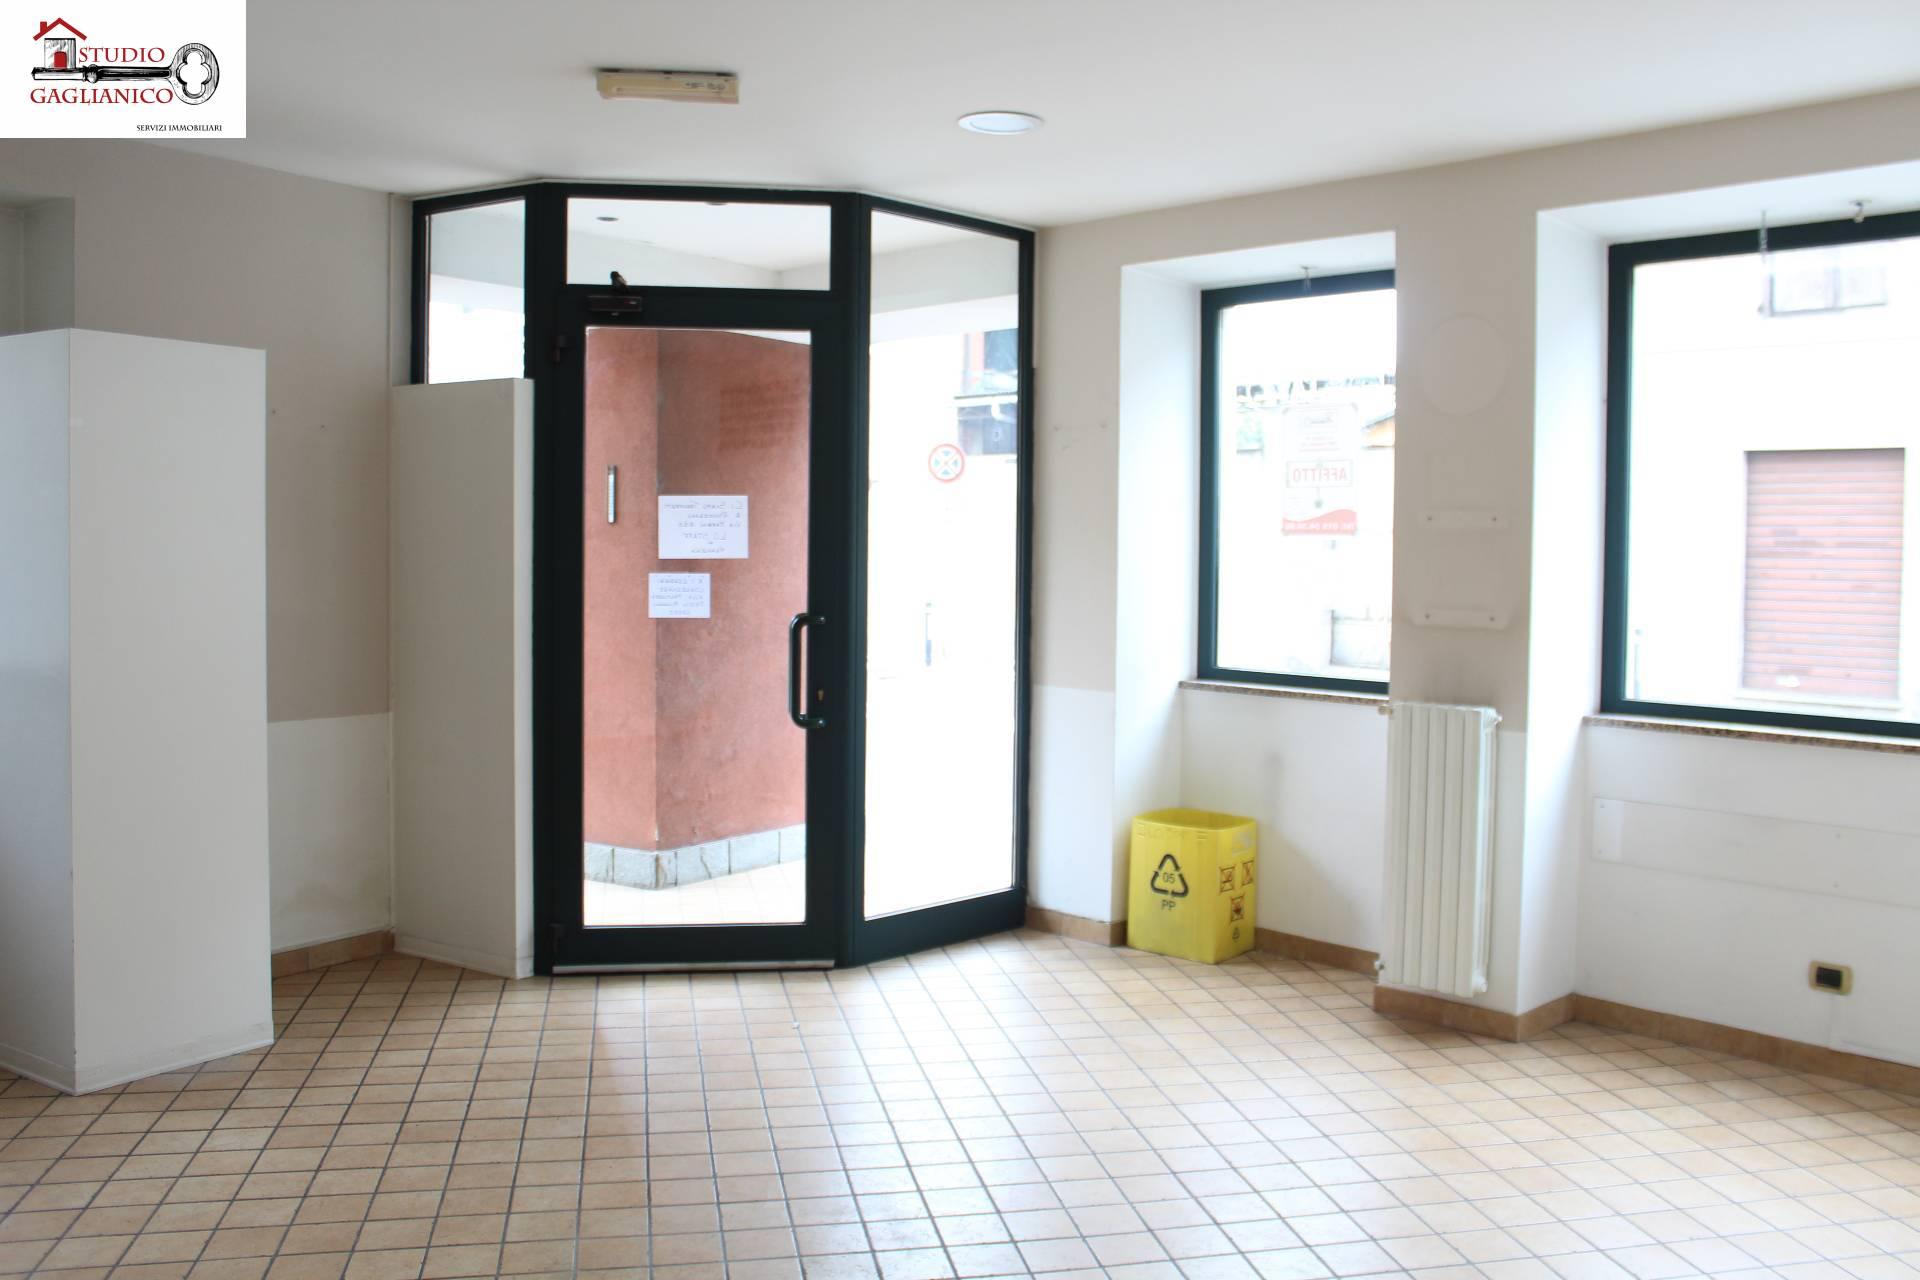 Fondo commerciale in affitto a Gaglianico (BI)